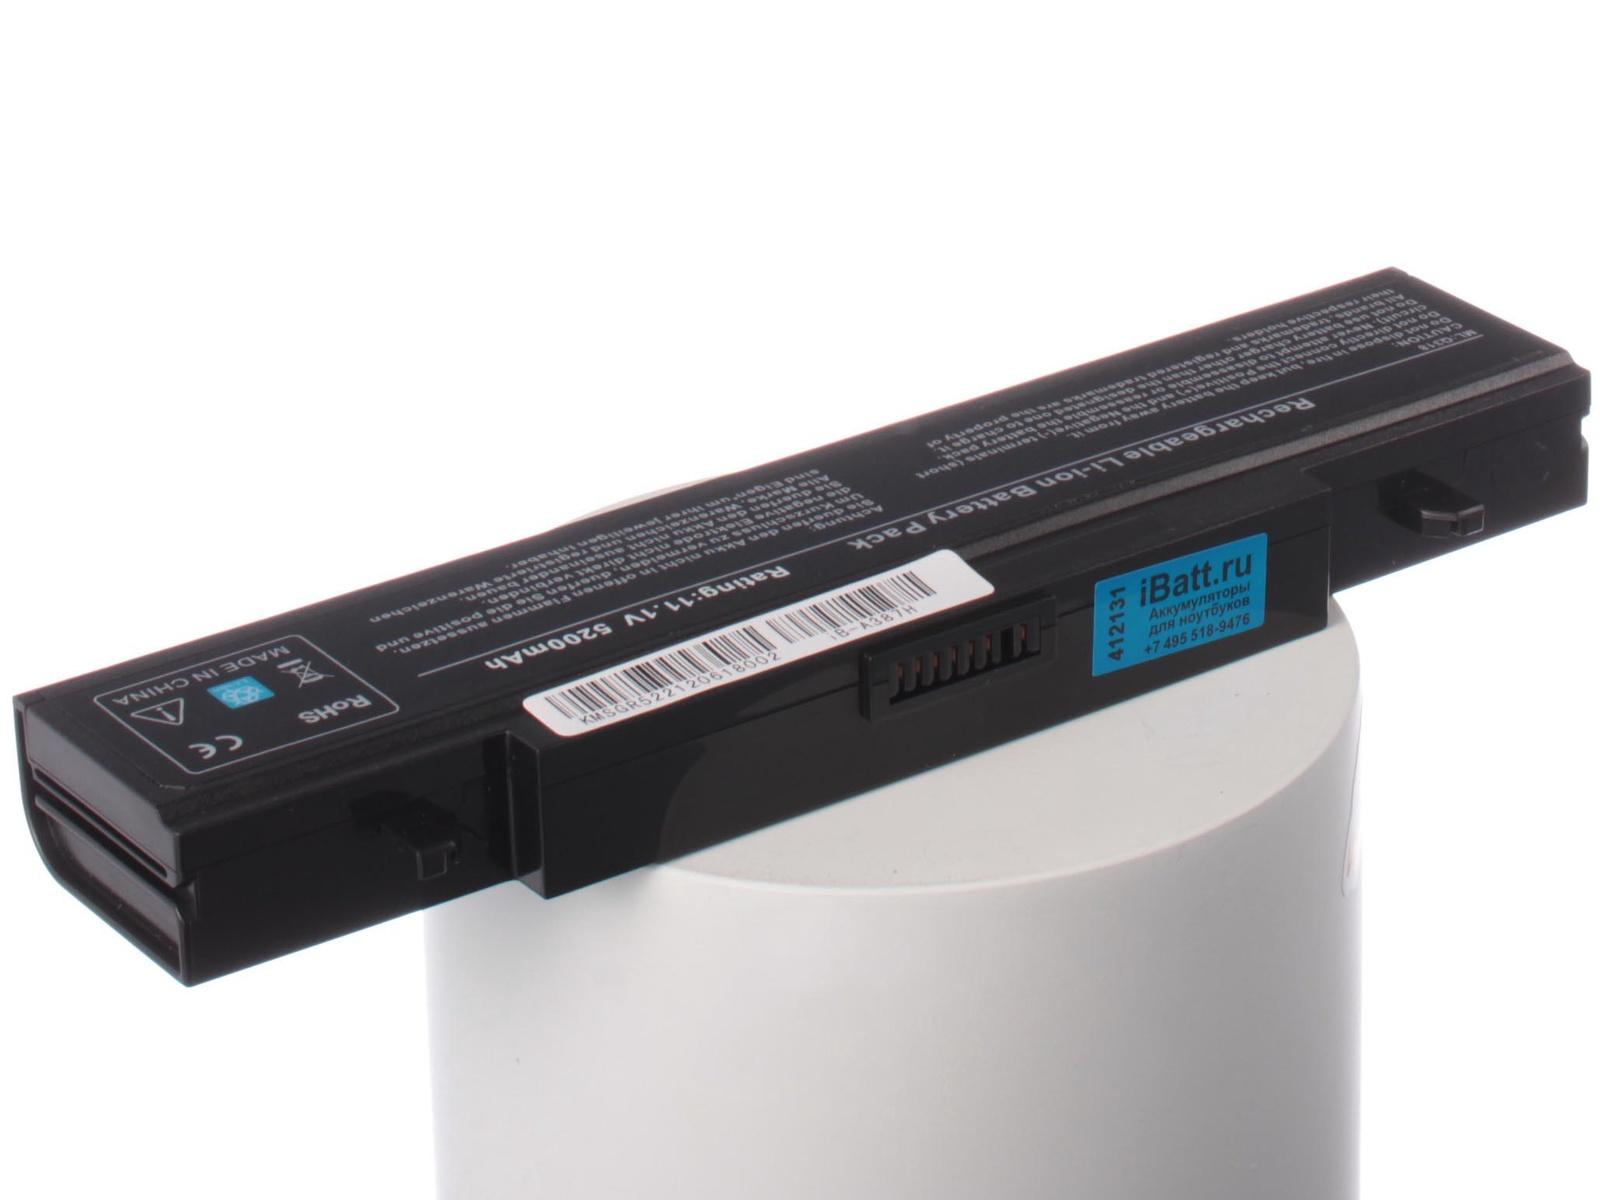 Аккумулятор для ноутбука iBatt для Samsung 300V5A-S08, 305V5Z, 355V5C-S0A, NP270E5E-X02, R590-JS01, RF710-S04, 300E7A-S08, 300E7A-S0B, 350E7X, 355E5C-S05, R425-JU04, R440-JT03, R730-JA06, R780-JS09, RV410-S01, RV511-S02